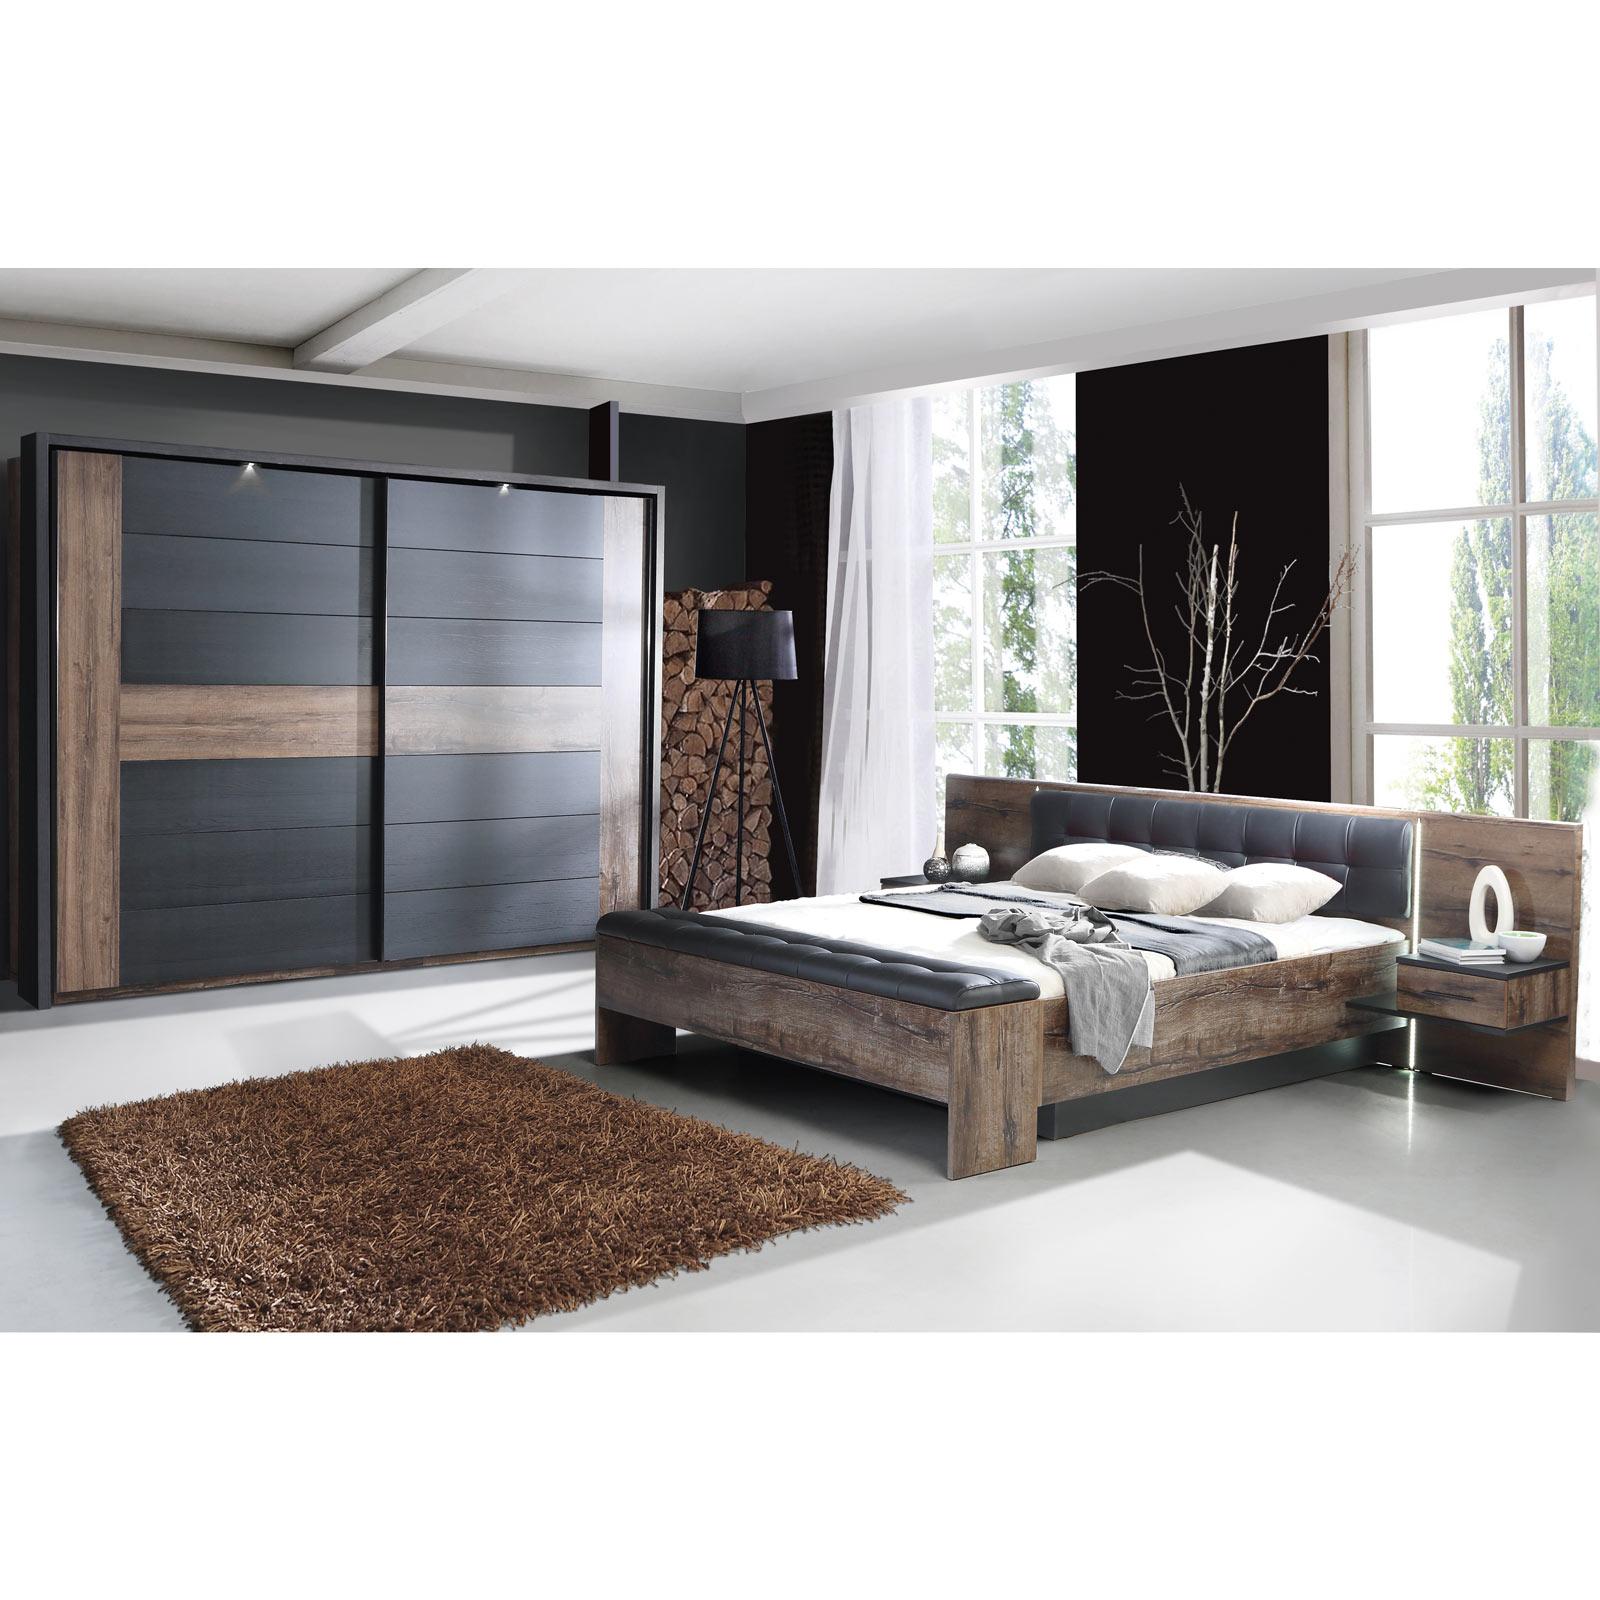 10-teiliges Schlafzimmer Set - Schlammeiche-Schwarzeiche